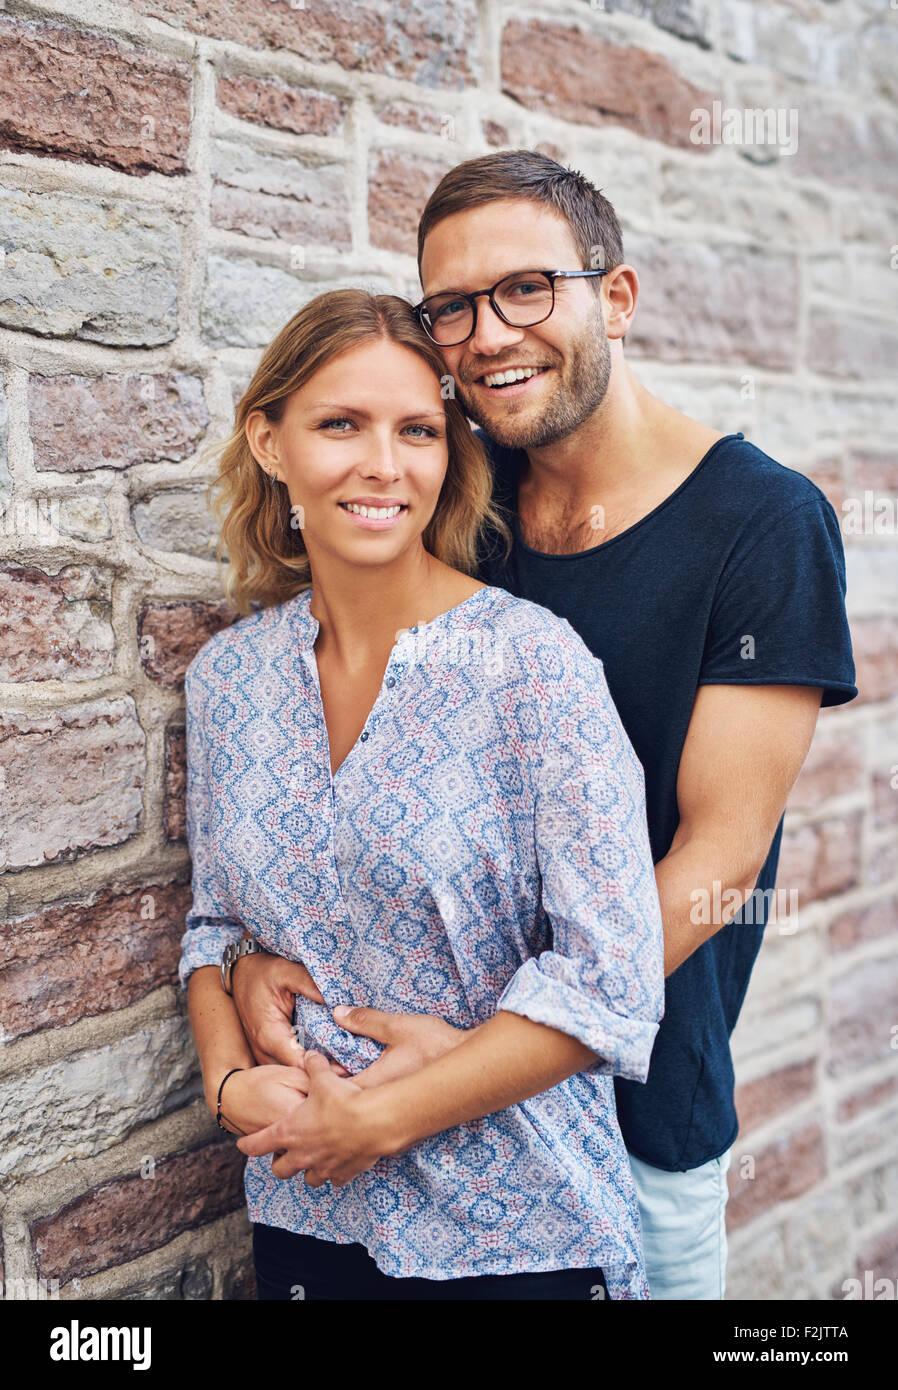 Mezzo Corpo colpo di un uomo dolce abbracciando la sua ragazza da dietro di lei mentre appoggiata contro il muro Immagini Stock